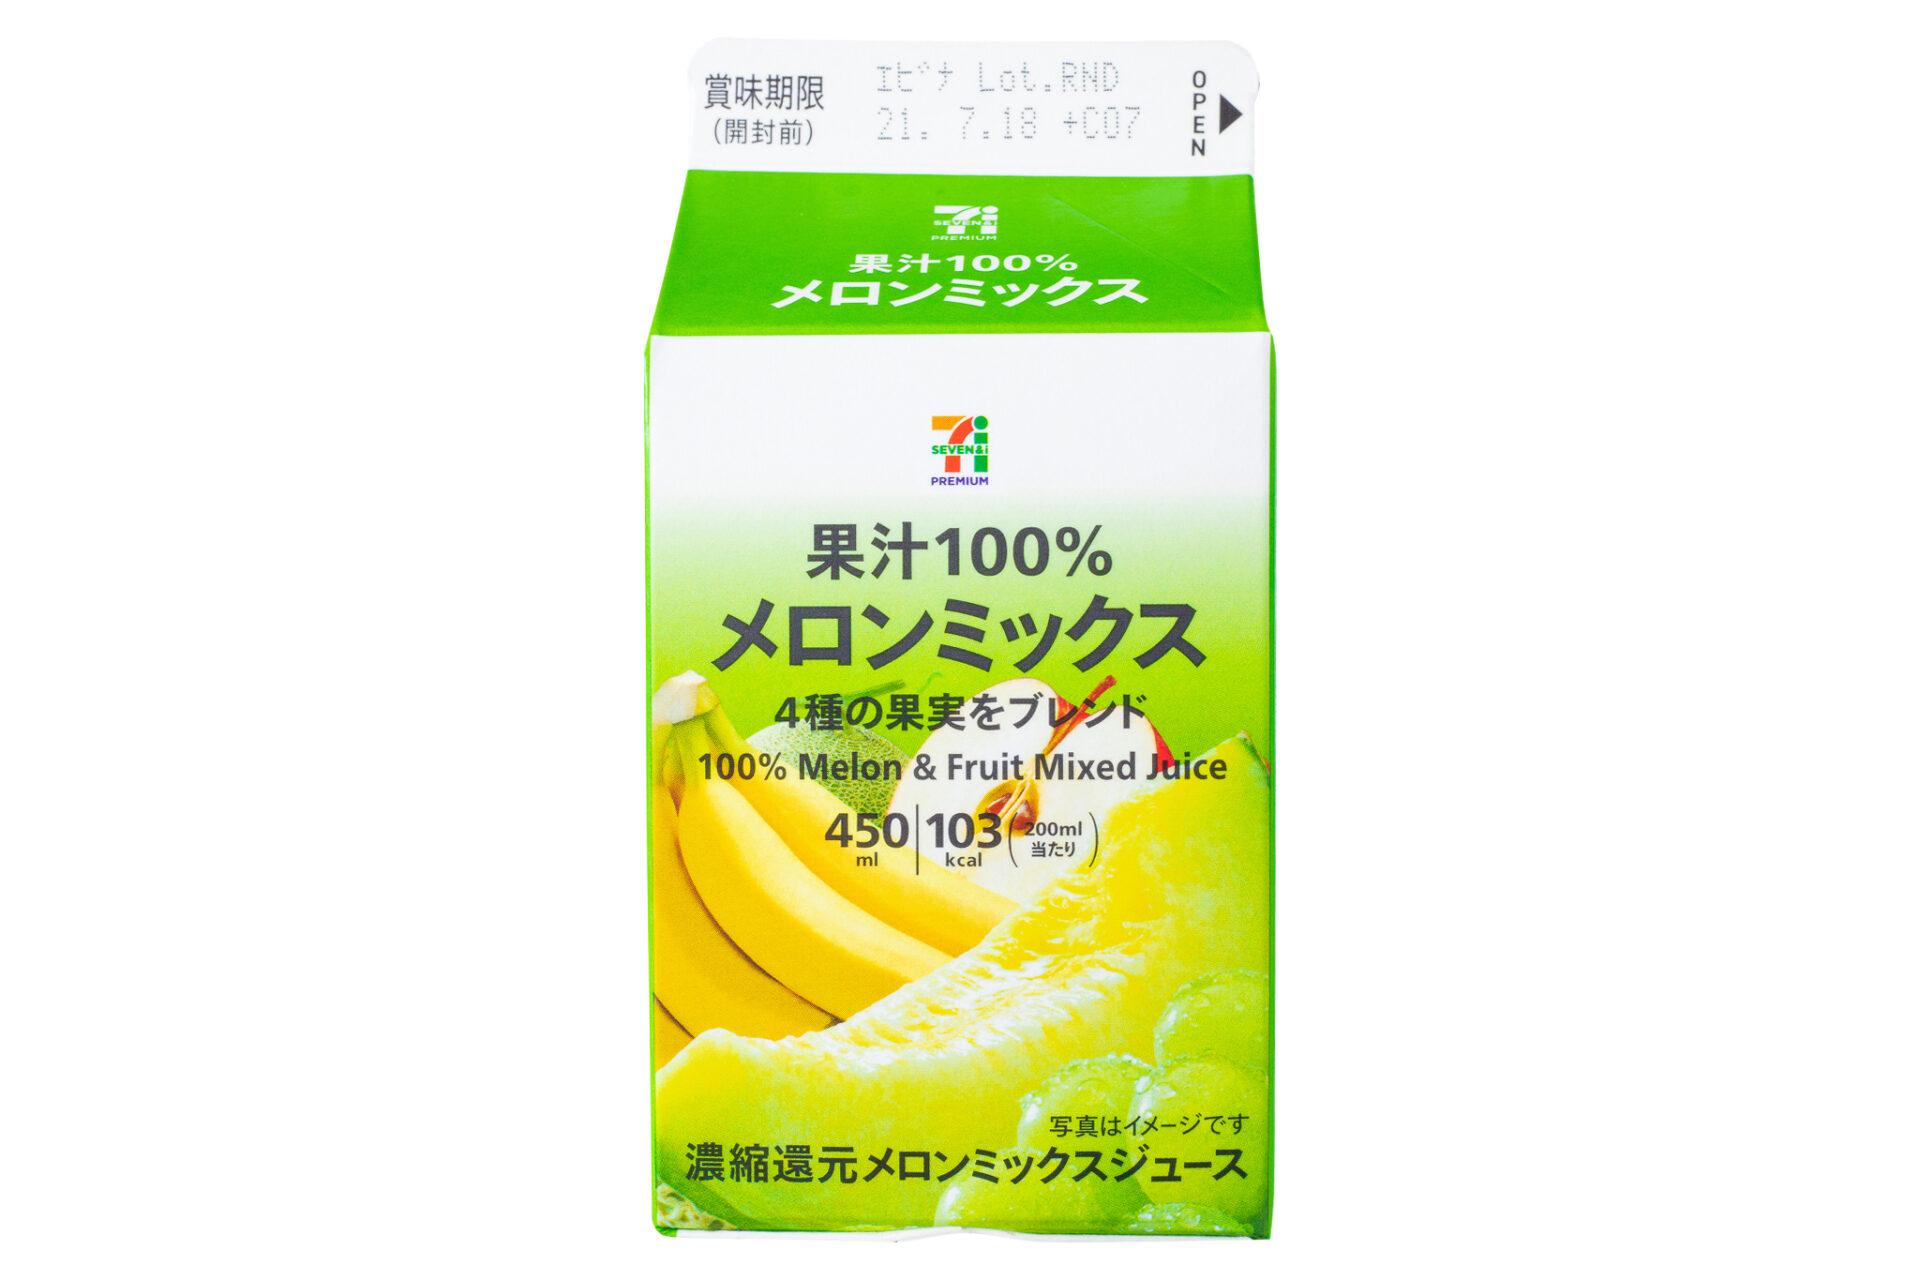 7プレミアム『メロンミックス果汁100% 450ml』